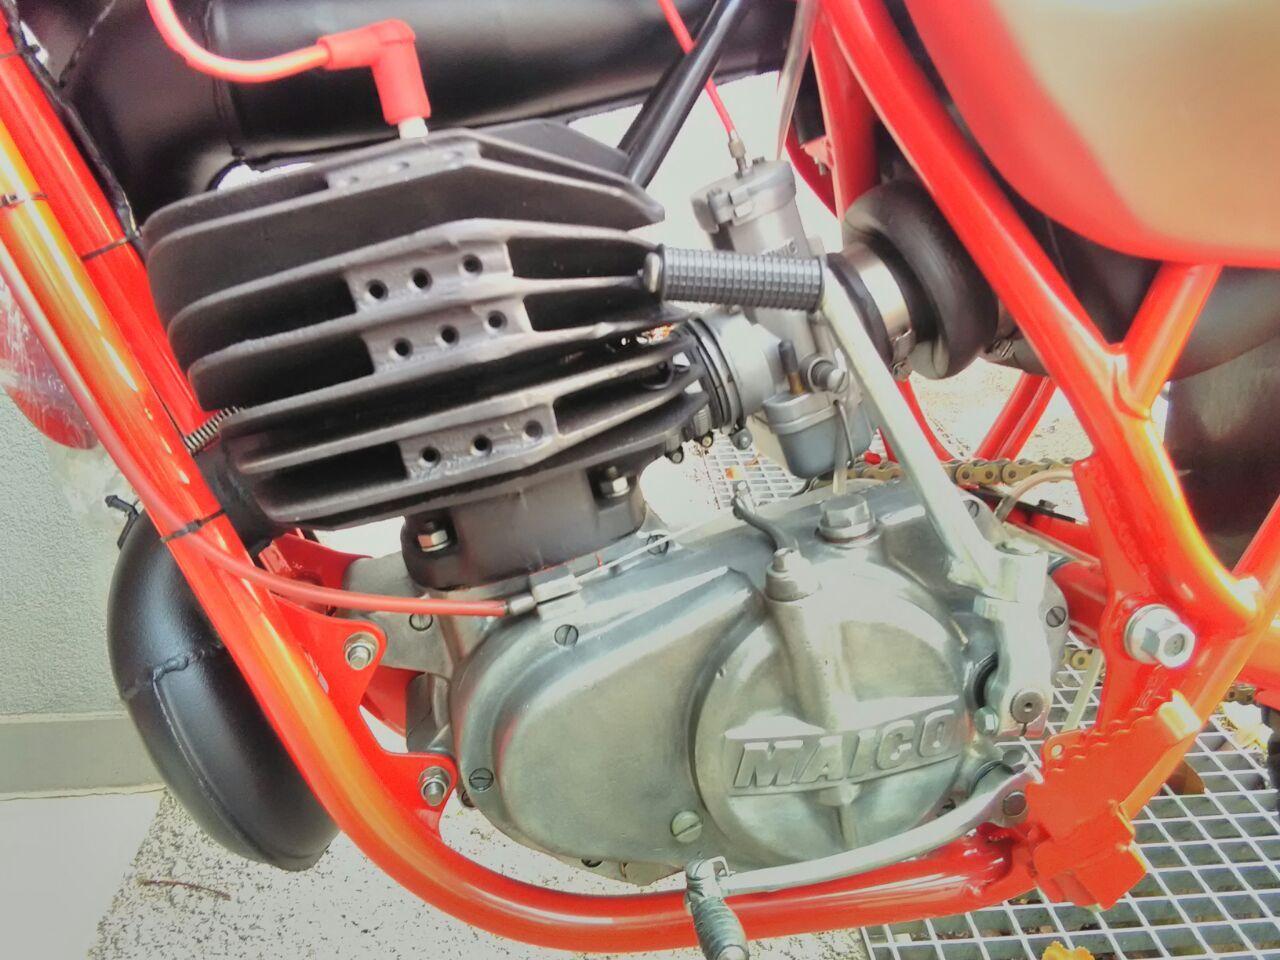 MAICO MC 250 – 1978